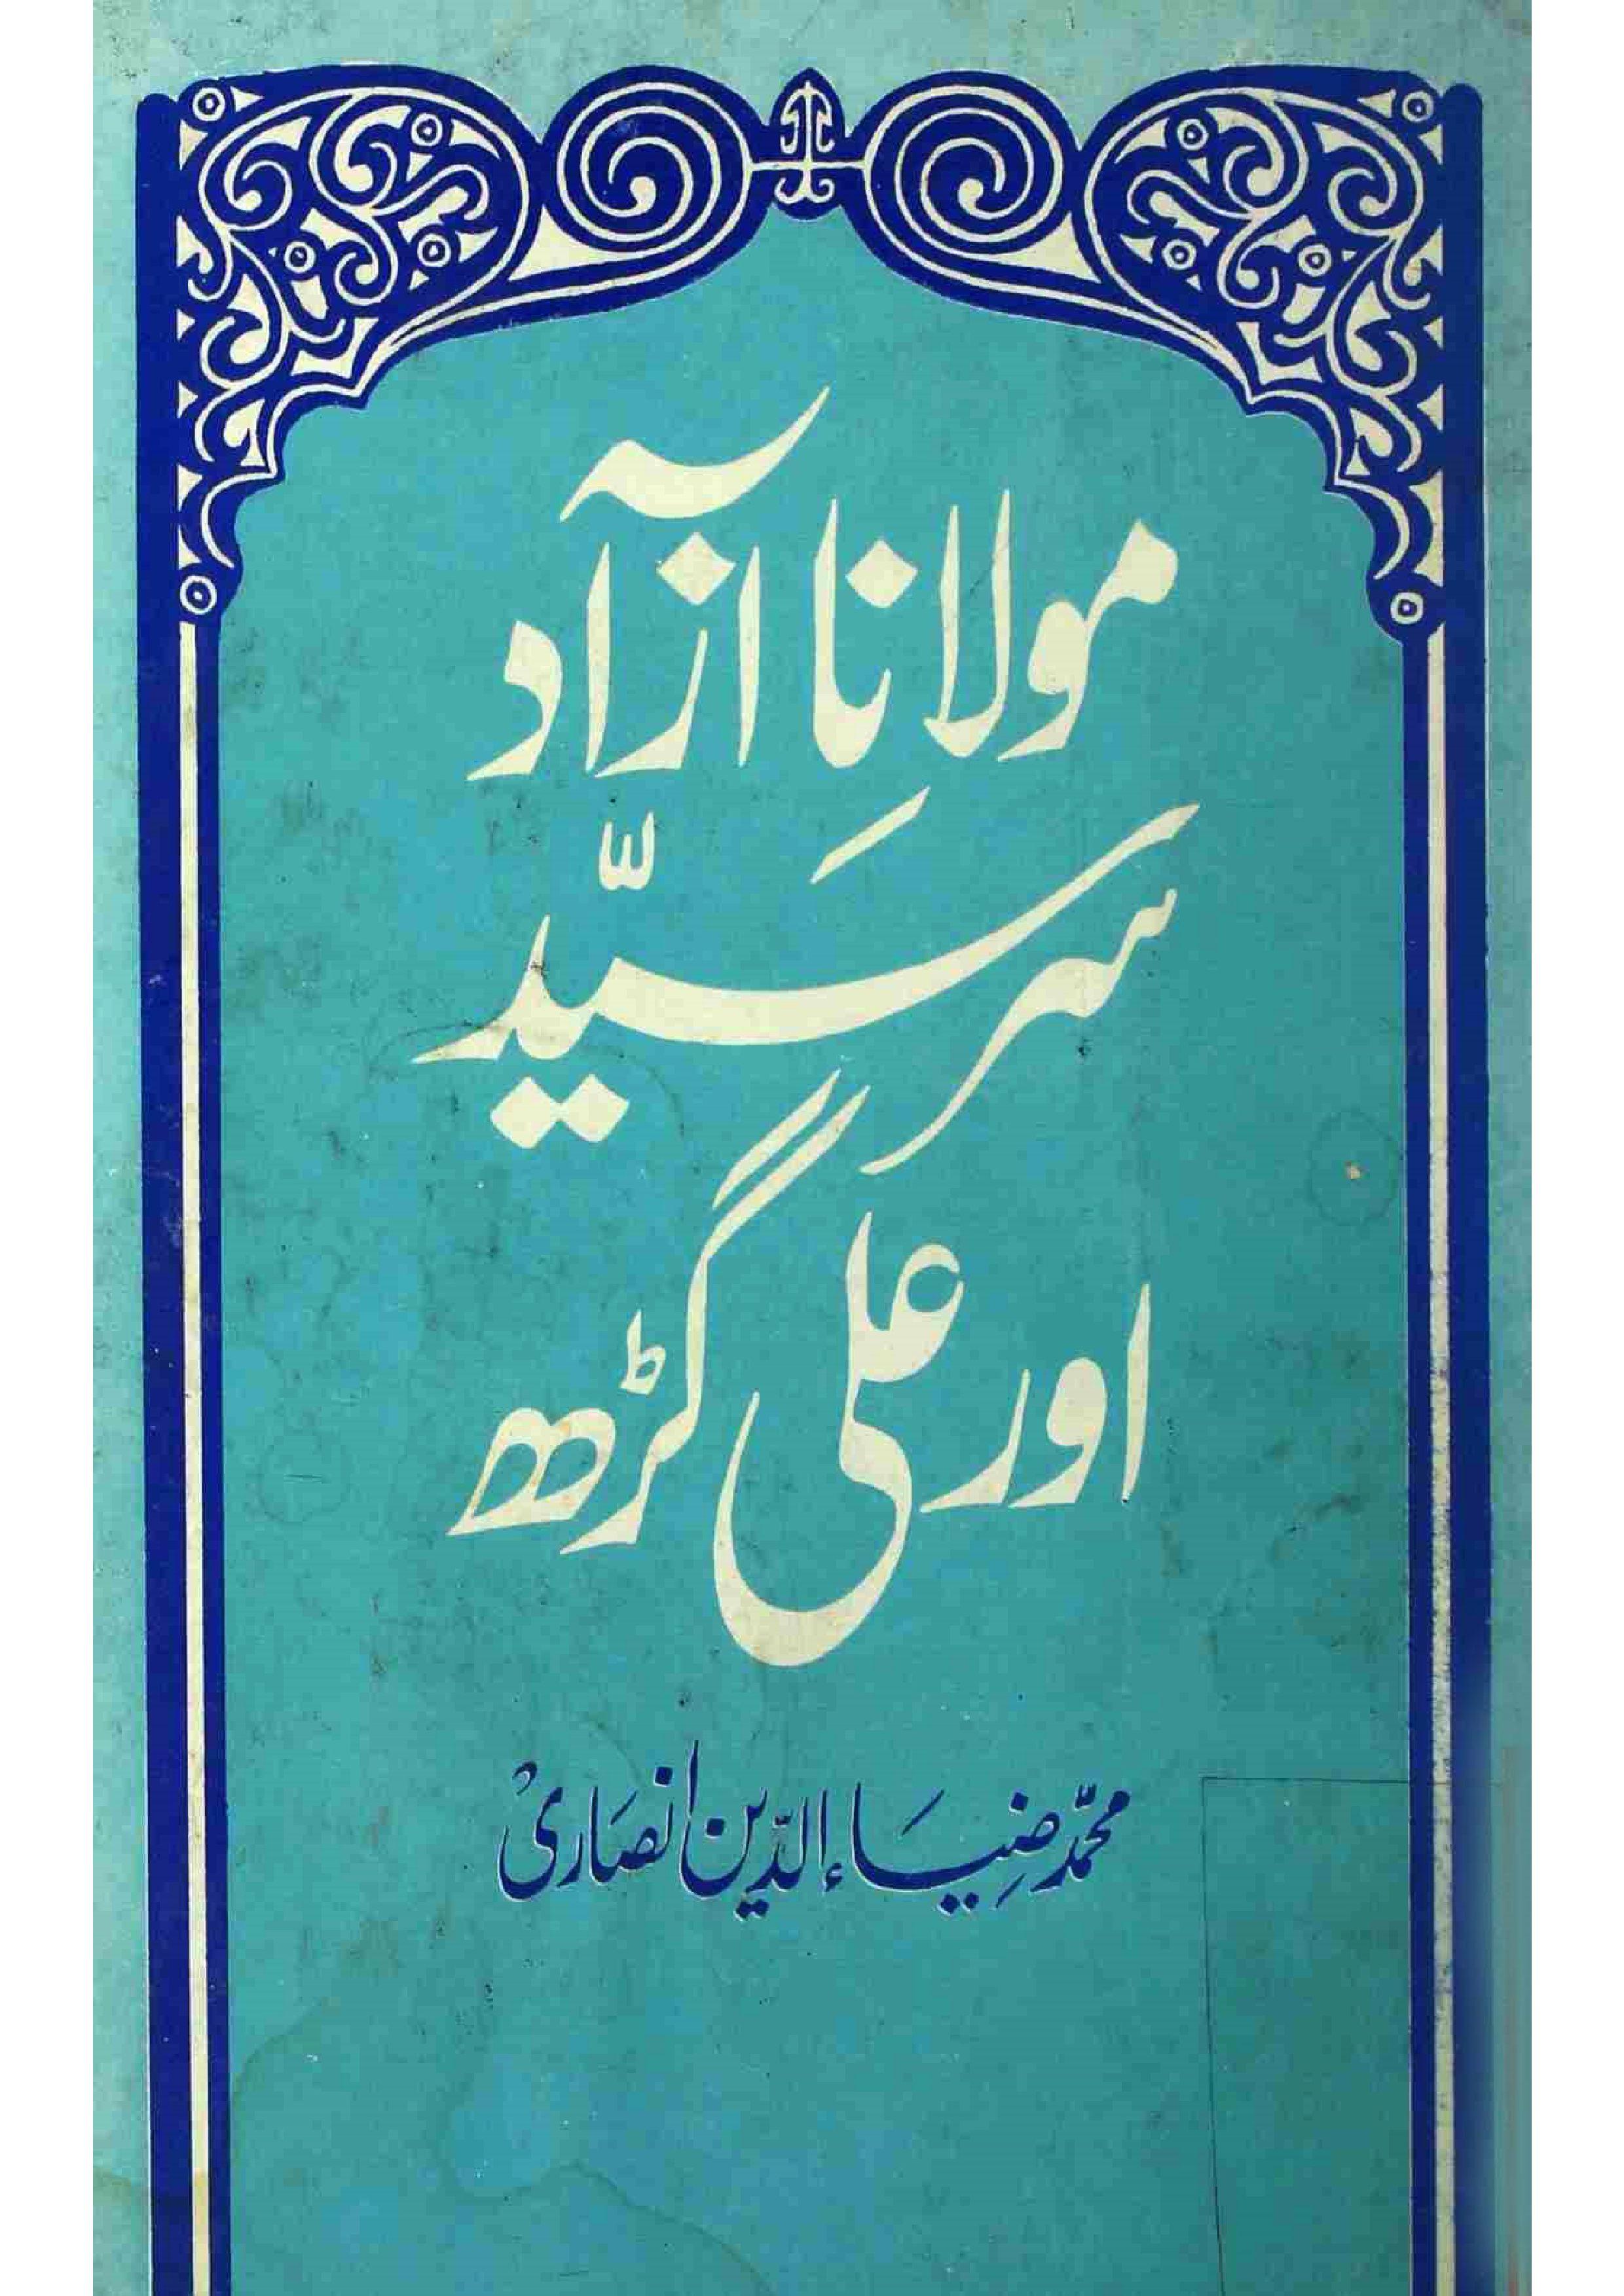 Maulana Azad, Sir Sayyad Aur Aligarh